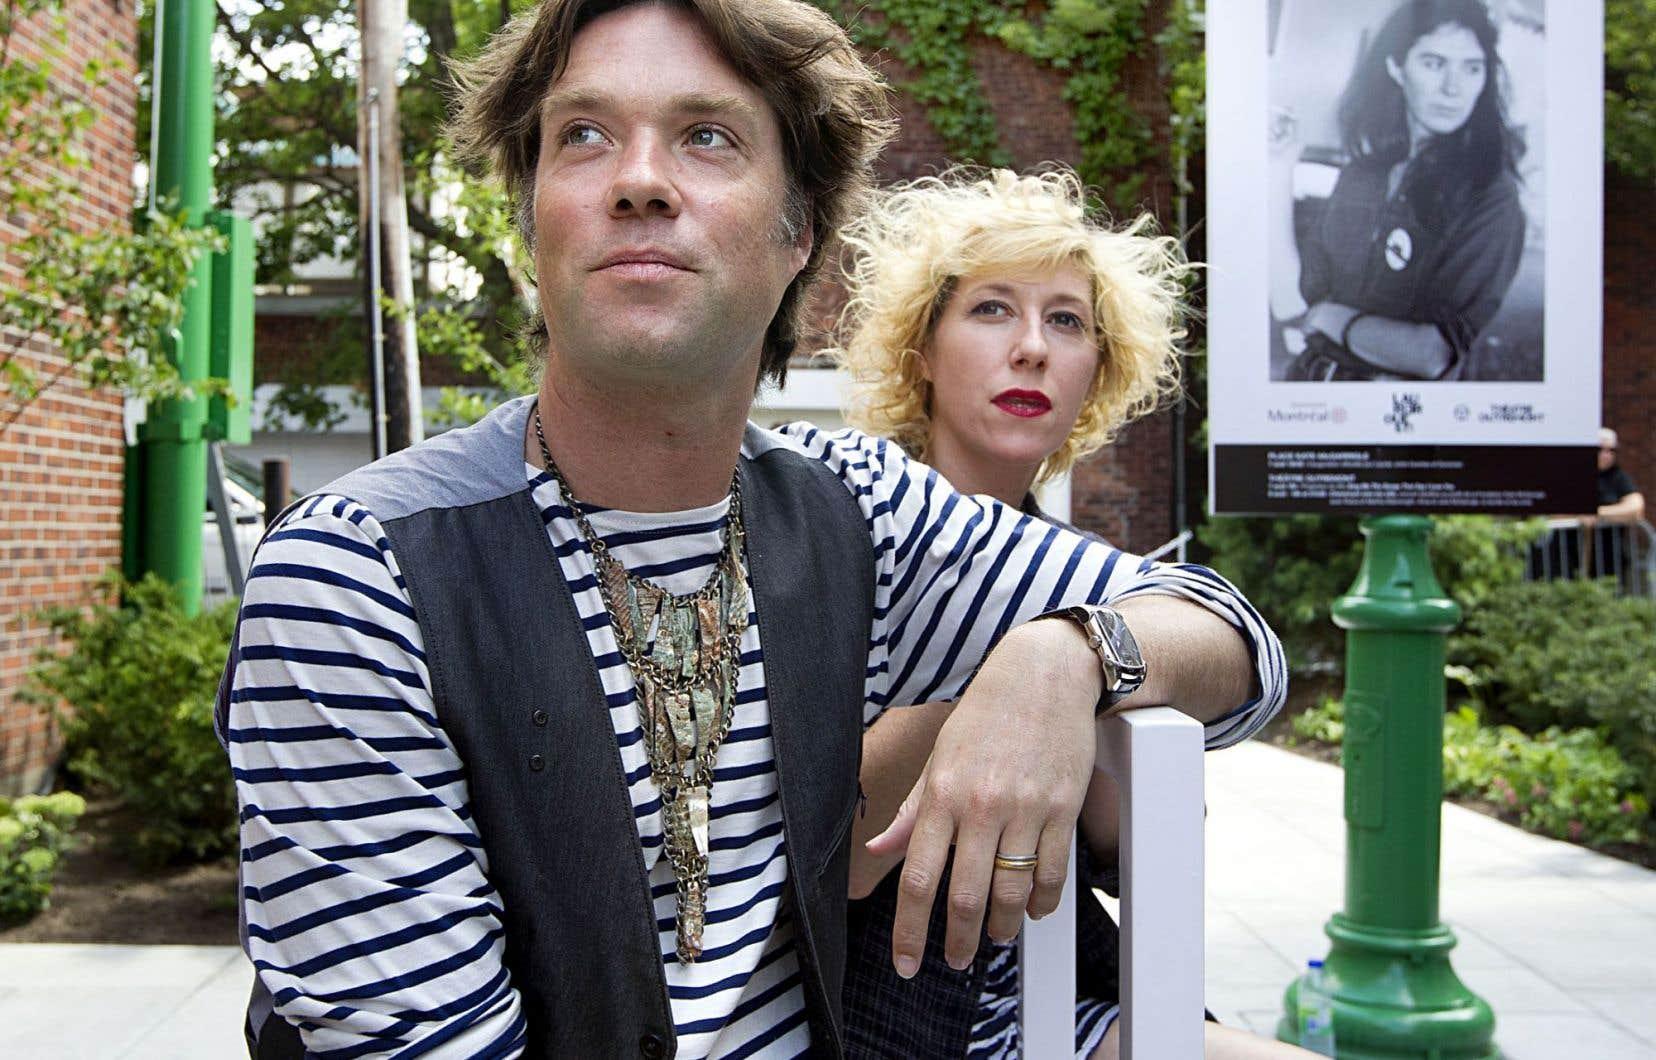 Rufus et Martha Wainwright en 2013 lors de l'inauguration de la place Kate-McGarrigle, à Outremont